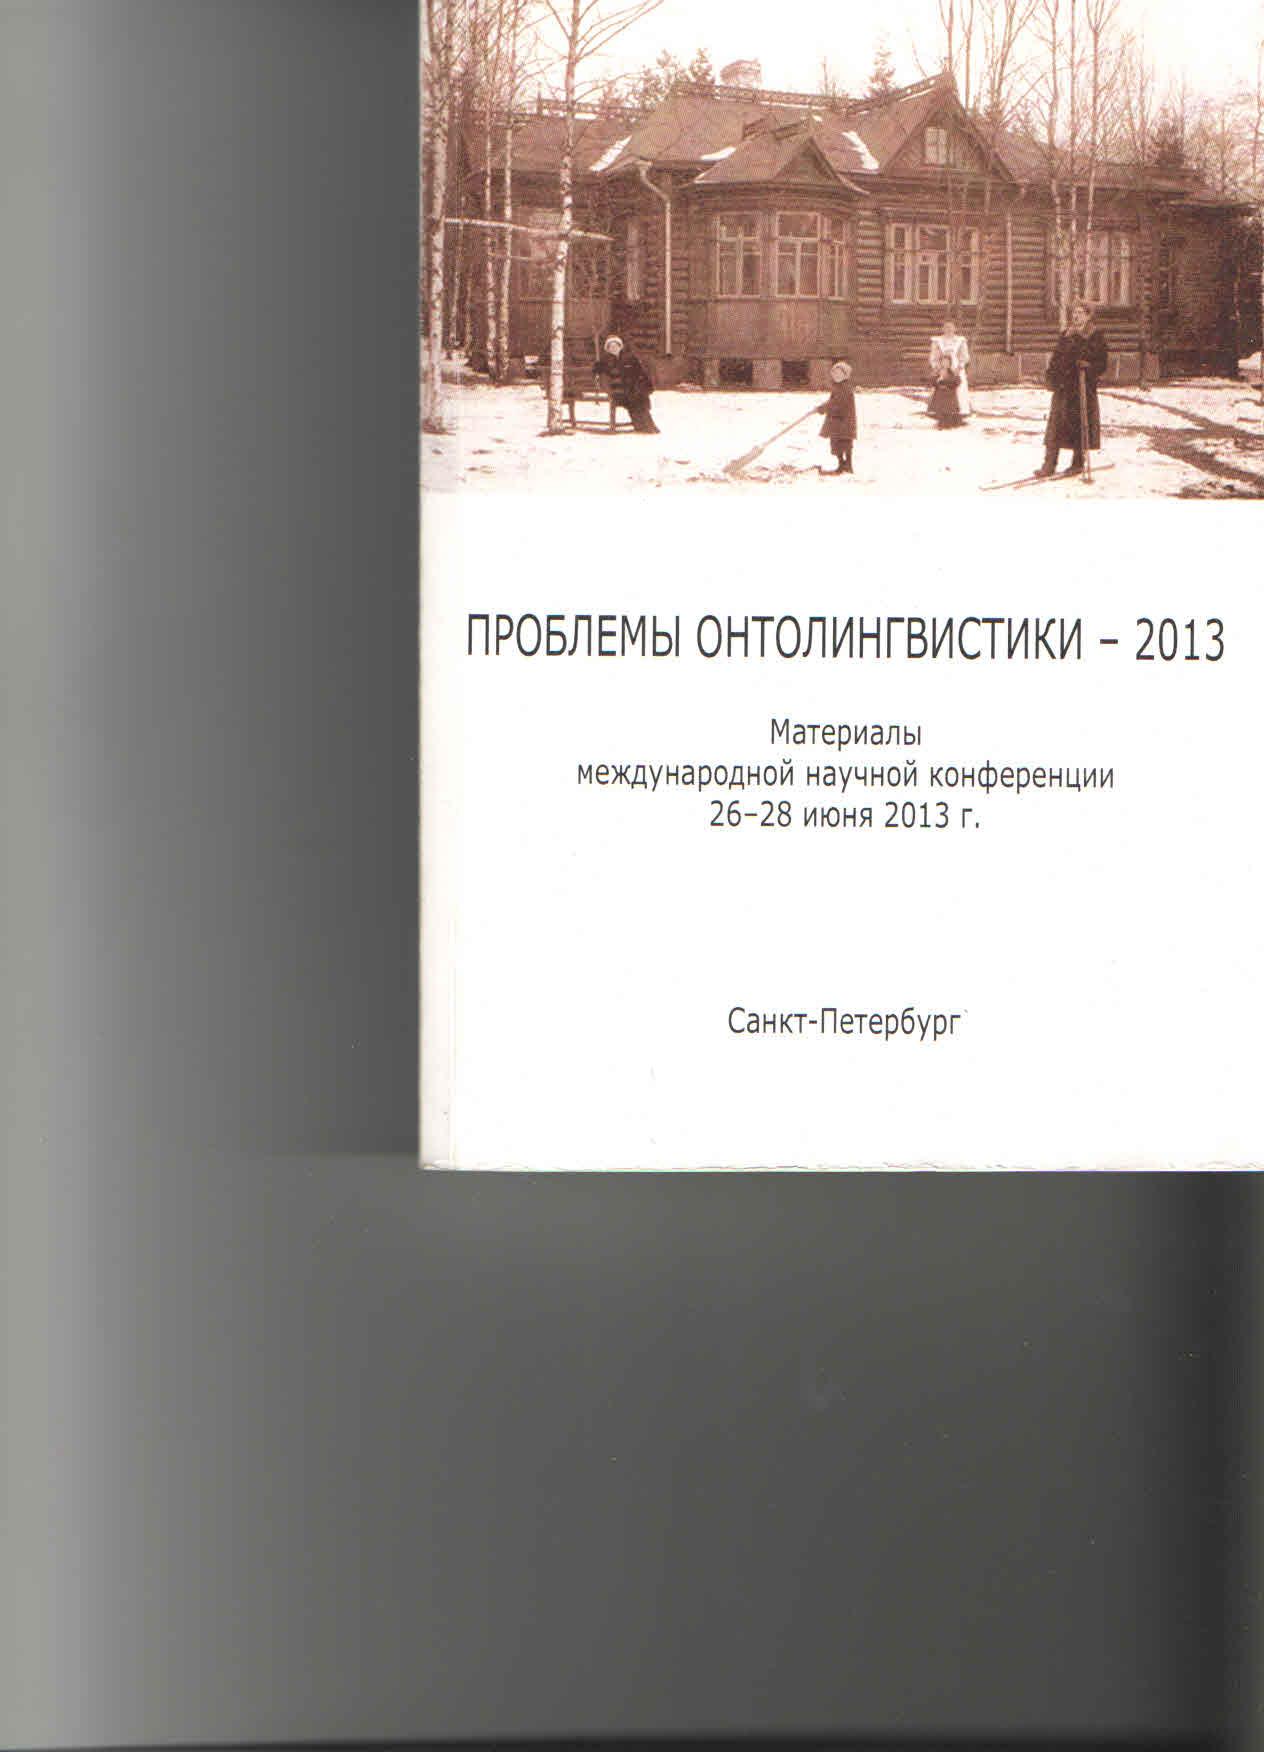 Проблемы онтолингвистики - 2013